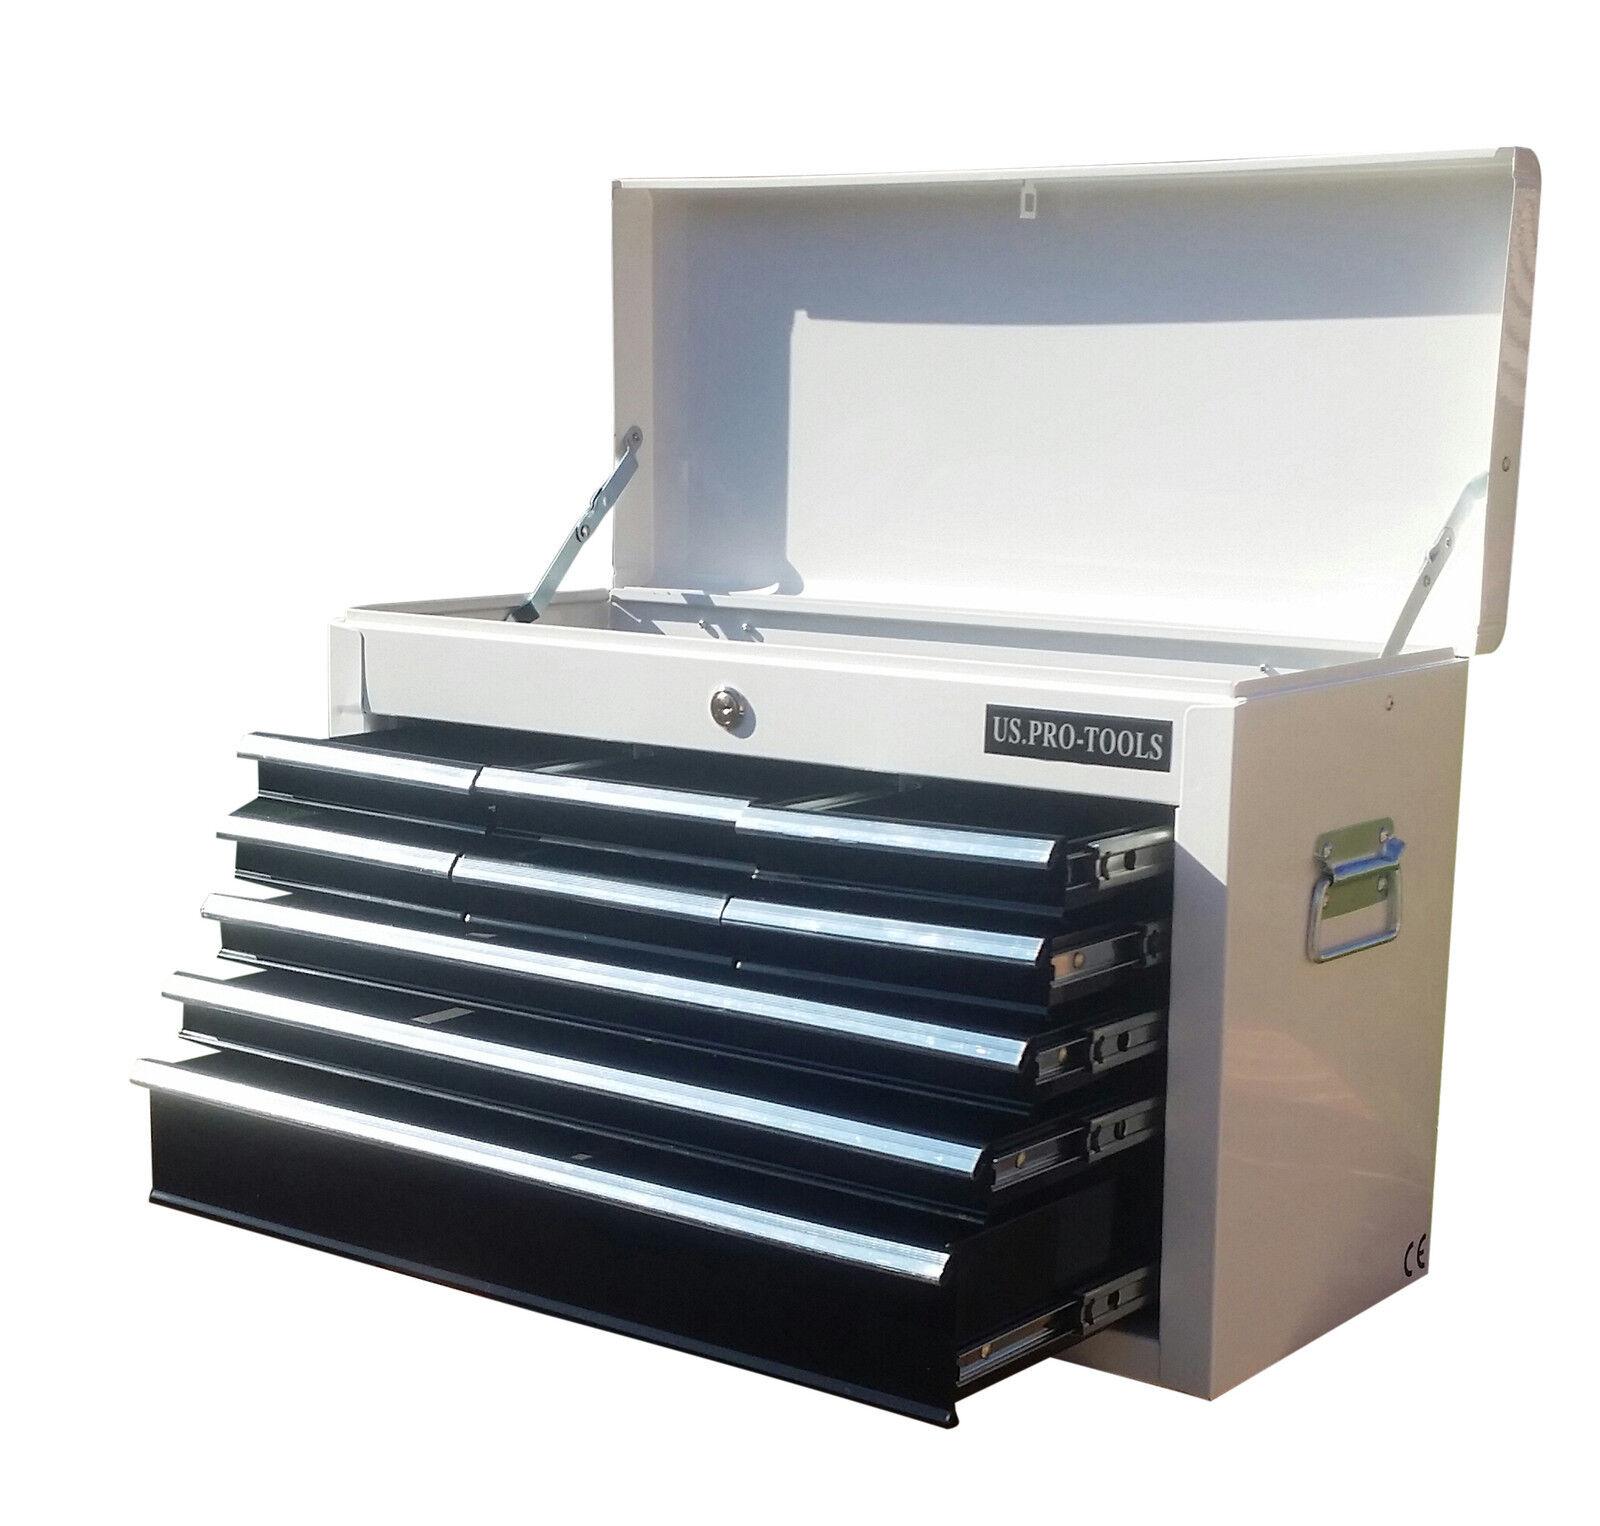 details sur us pro tools abordable mecanicien outil coffre rangement boite armoire 9 tiroirs